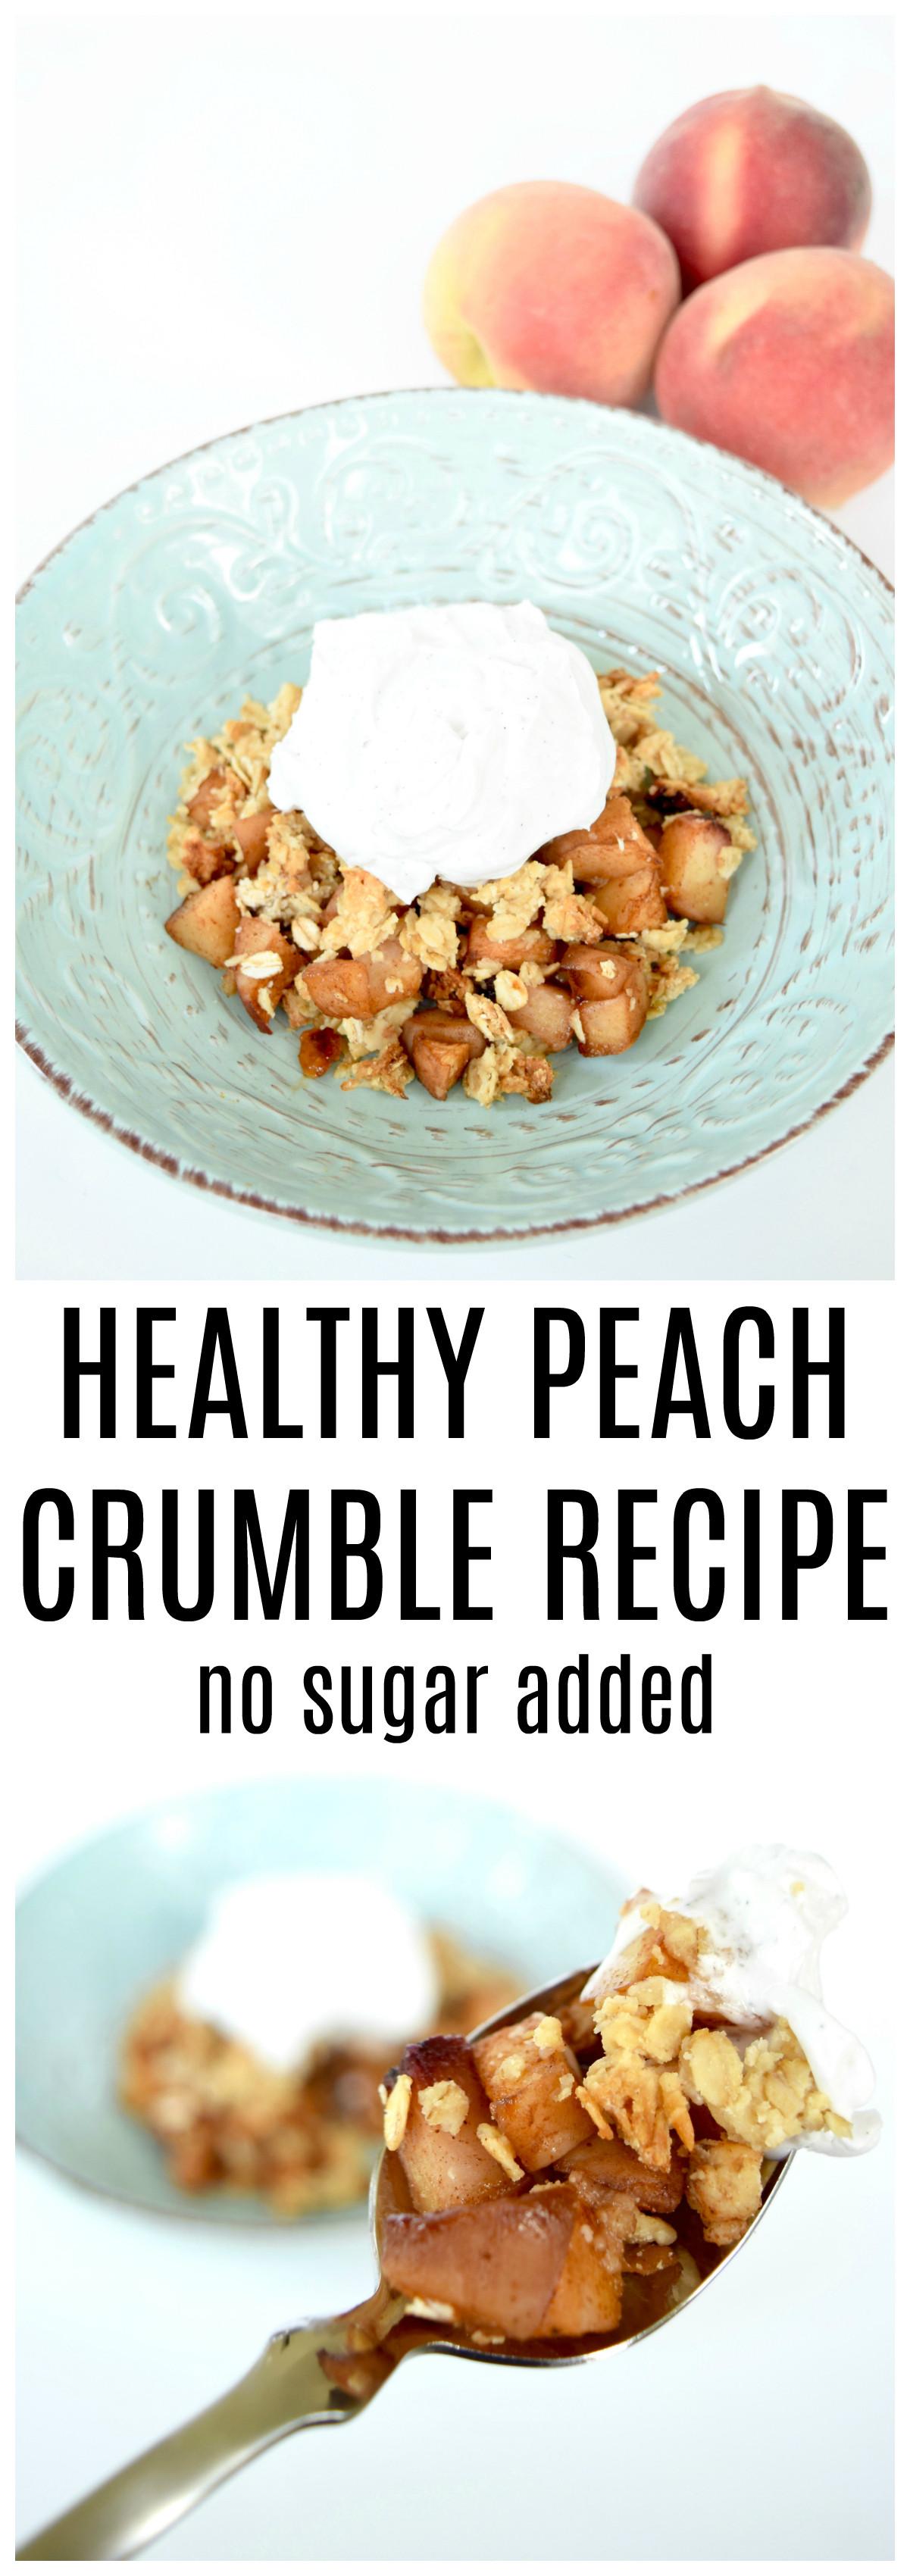 Peach Recipes Healthy  No Sugar Added Peach Crumble Recipe